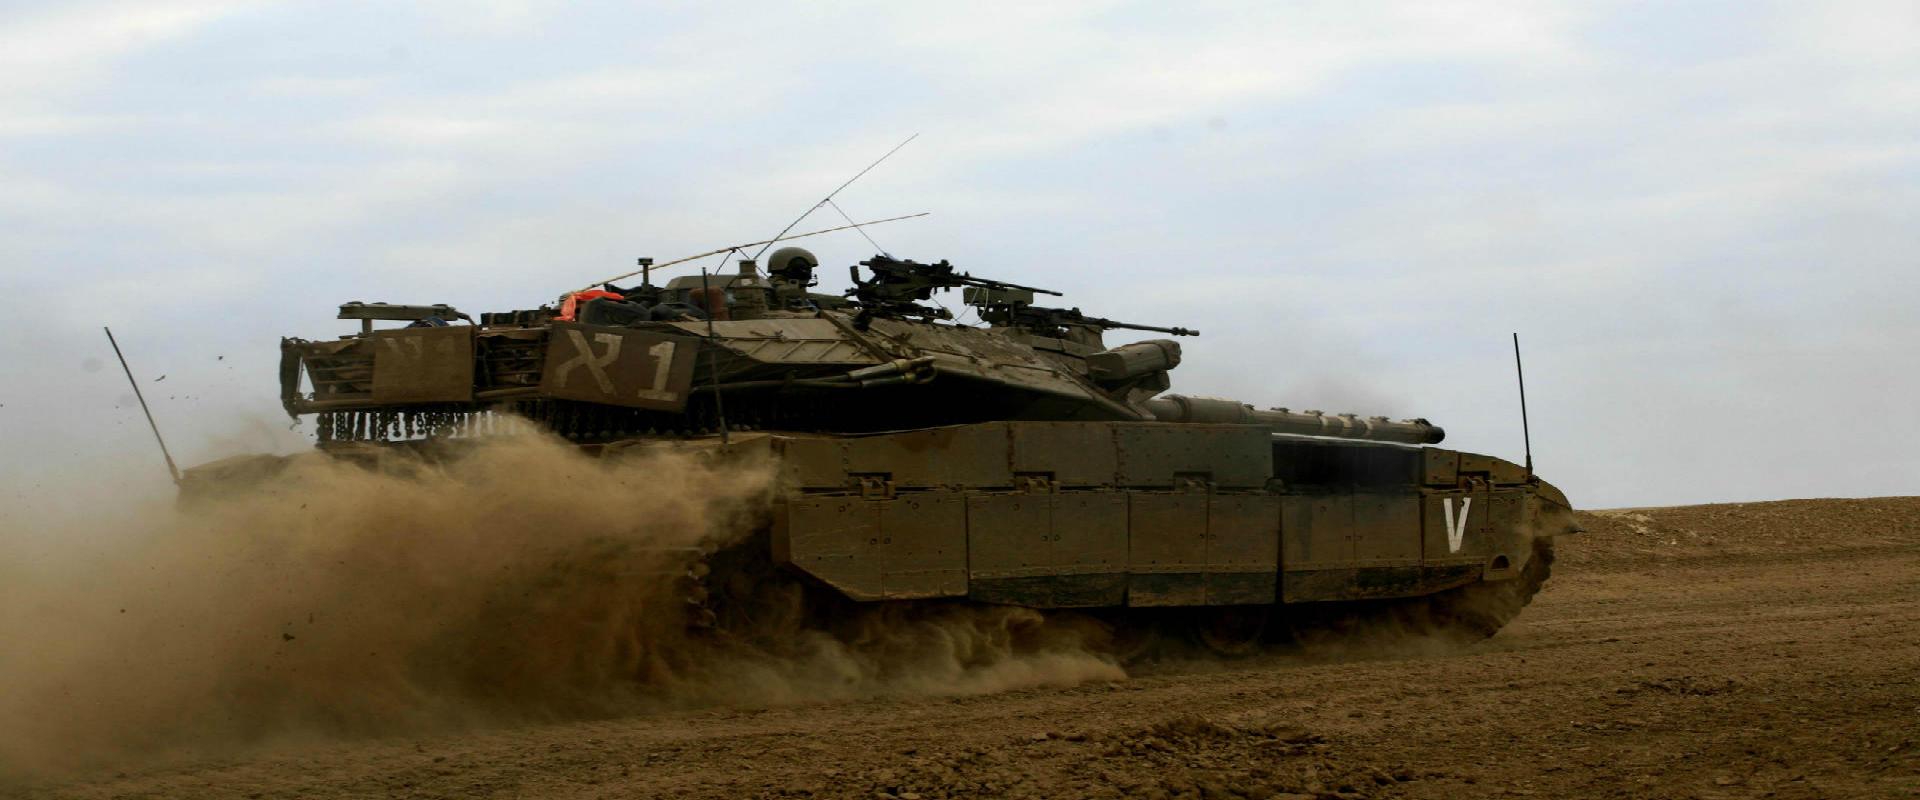 """טנק של צה""""ל סמוך לרצועת עזה"""